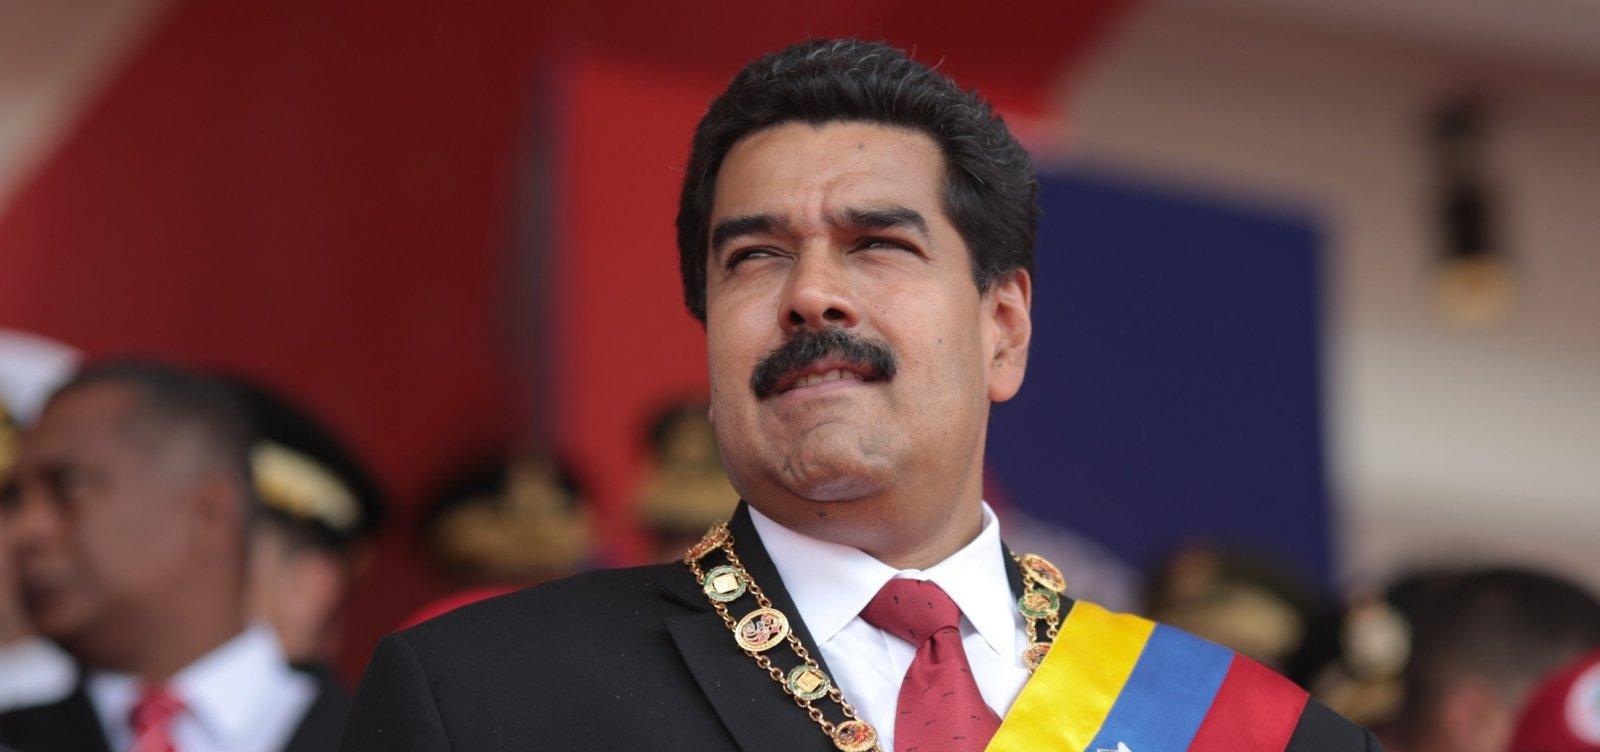 [Nicolás Maduro parabeniza Bolsonaro por vitória presidencial ]